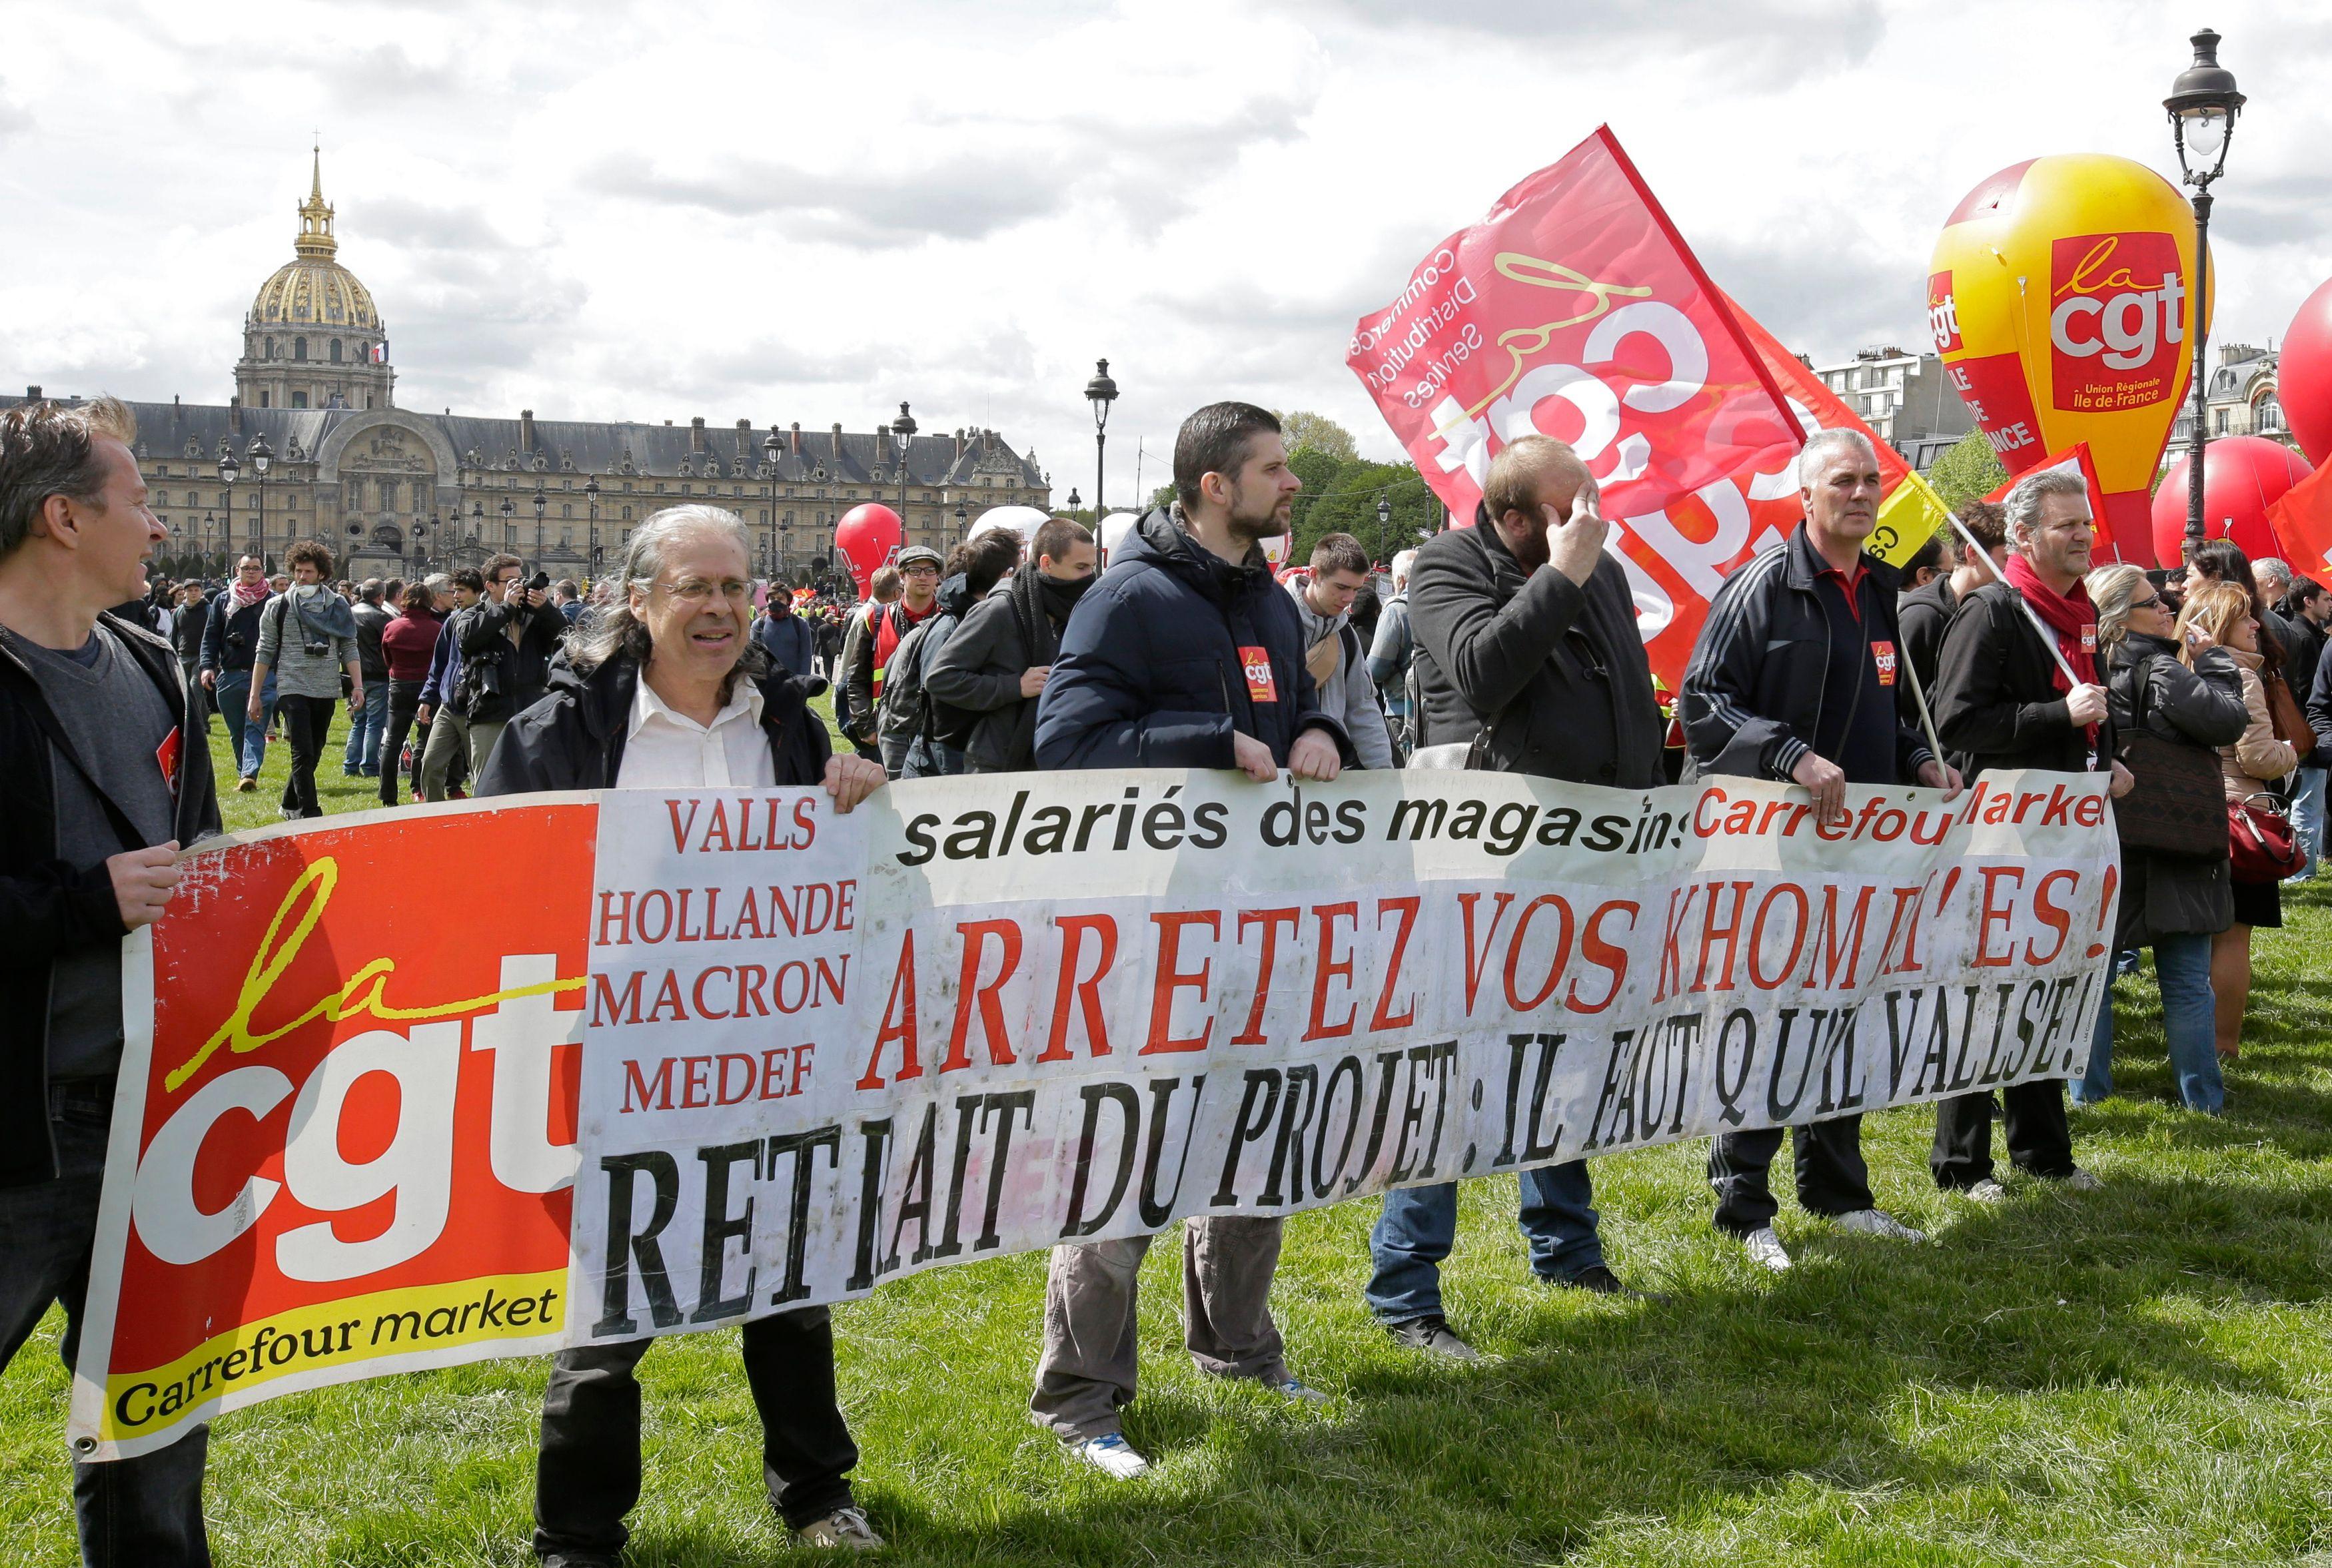 Au-delà de l'idéologie, ces autres raisons bien plus prosaïques qu'ont les syndicats de s'opposer à la loi Travail